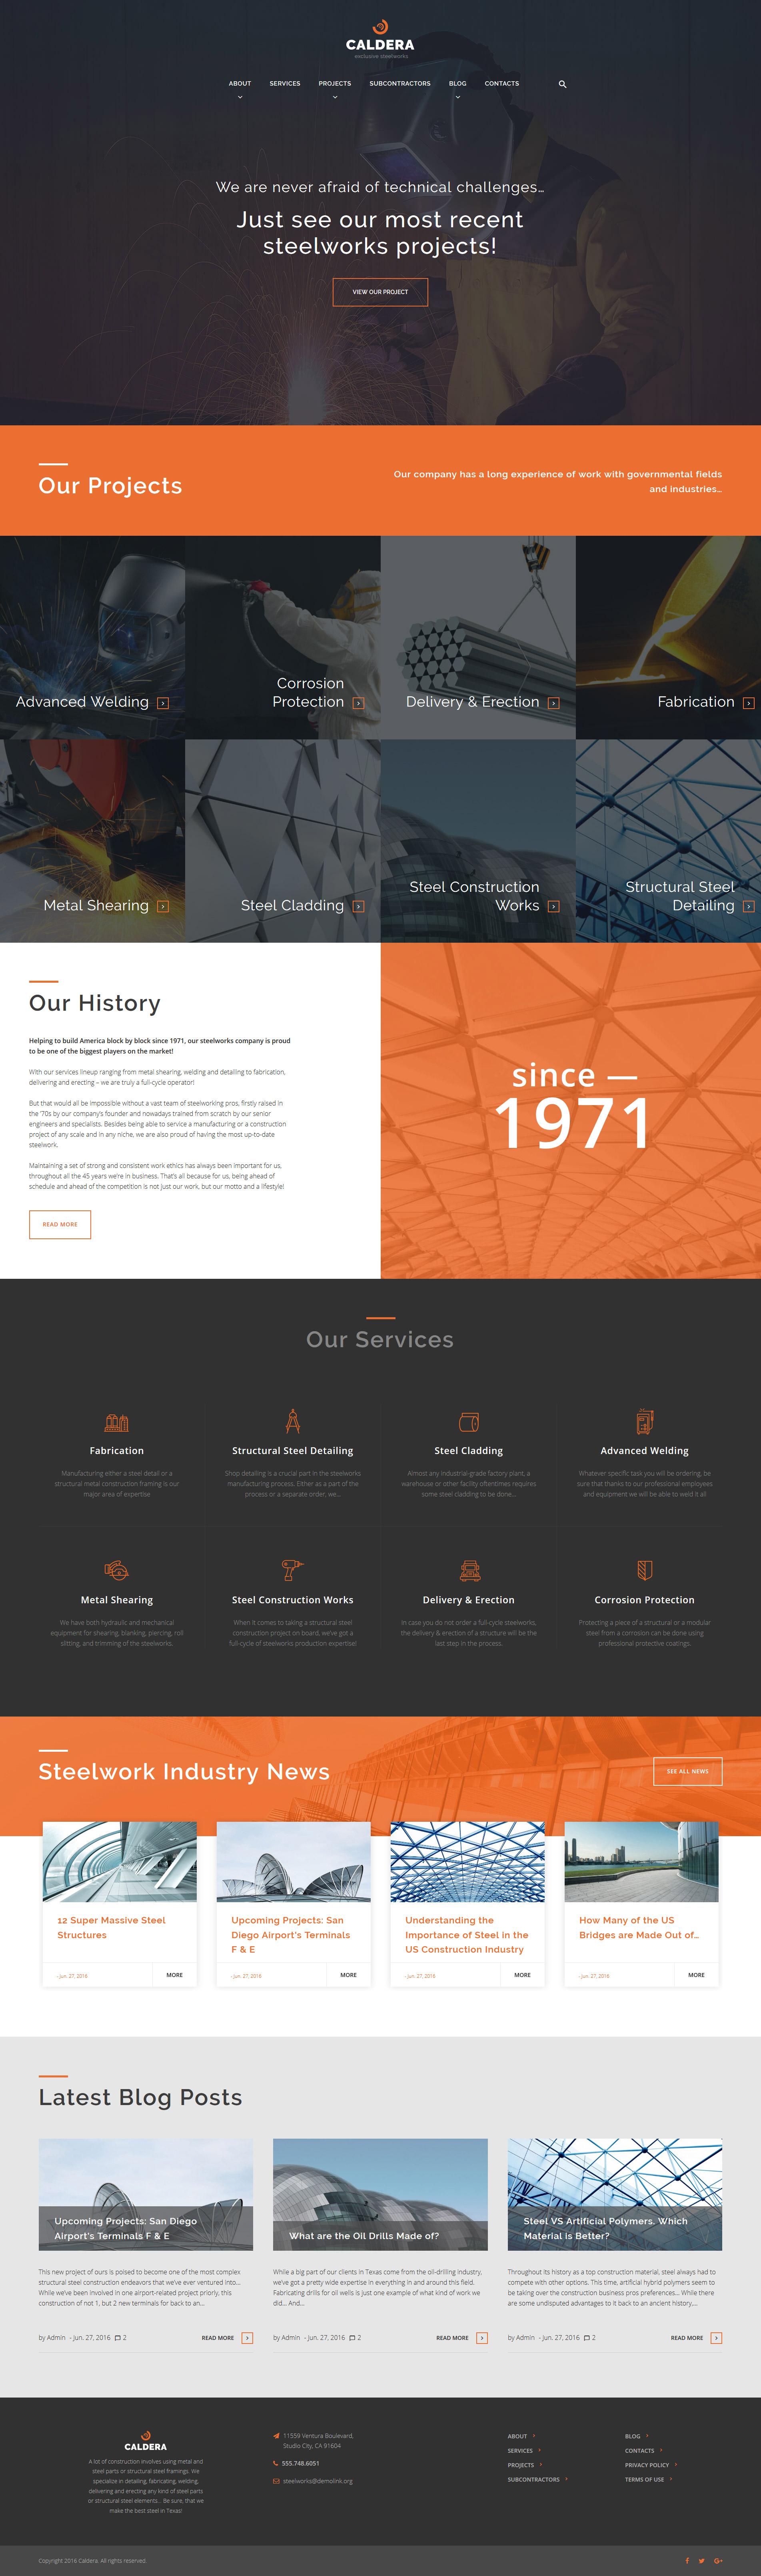 Адаптивный шаблон сайта на тему металлургическая компания #59027